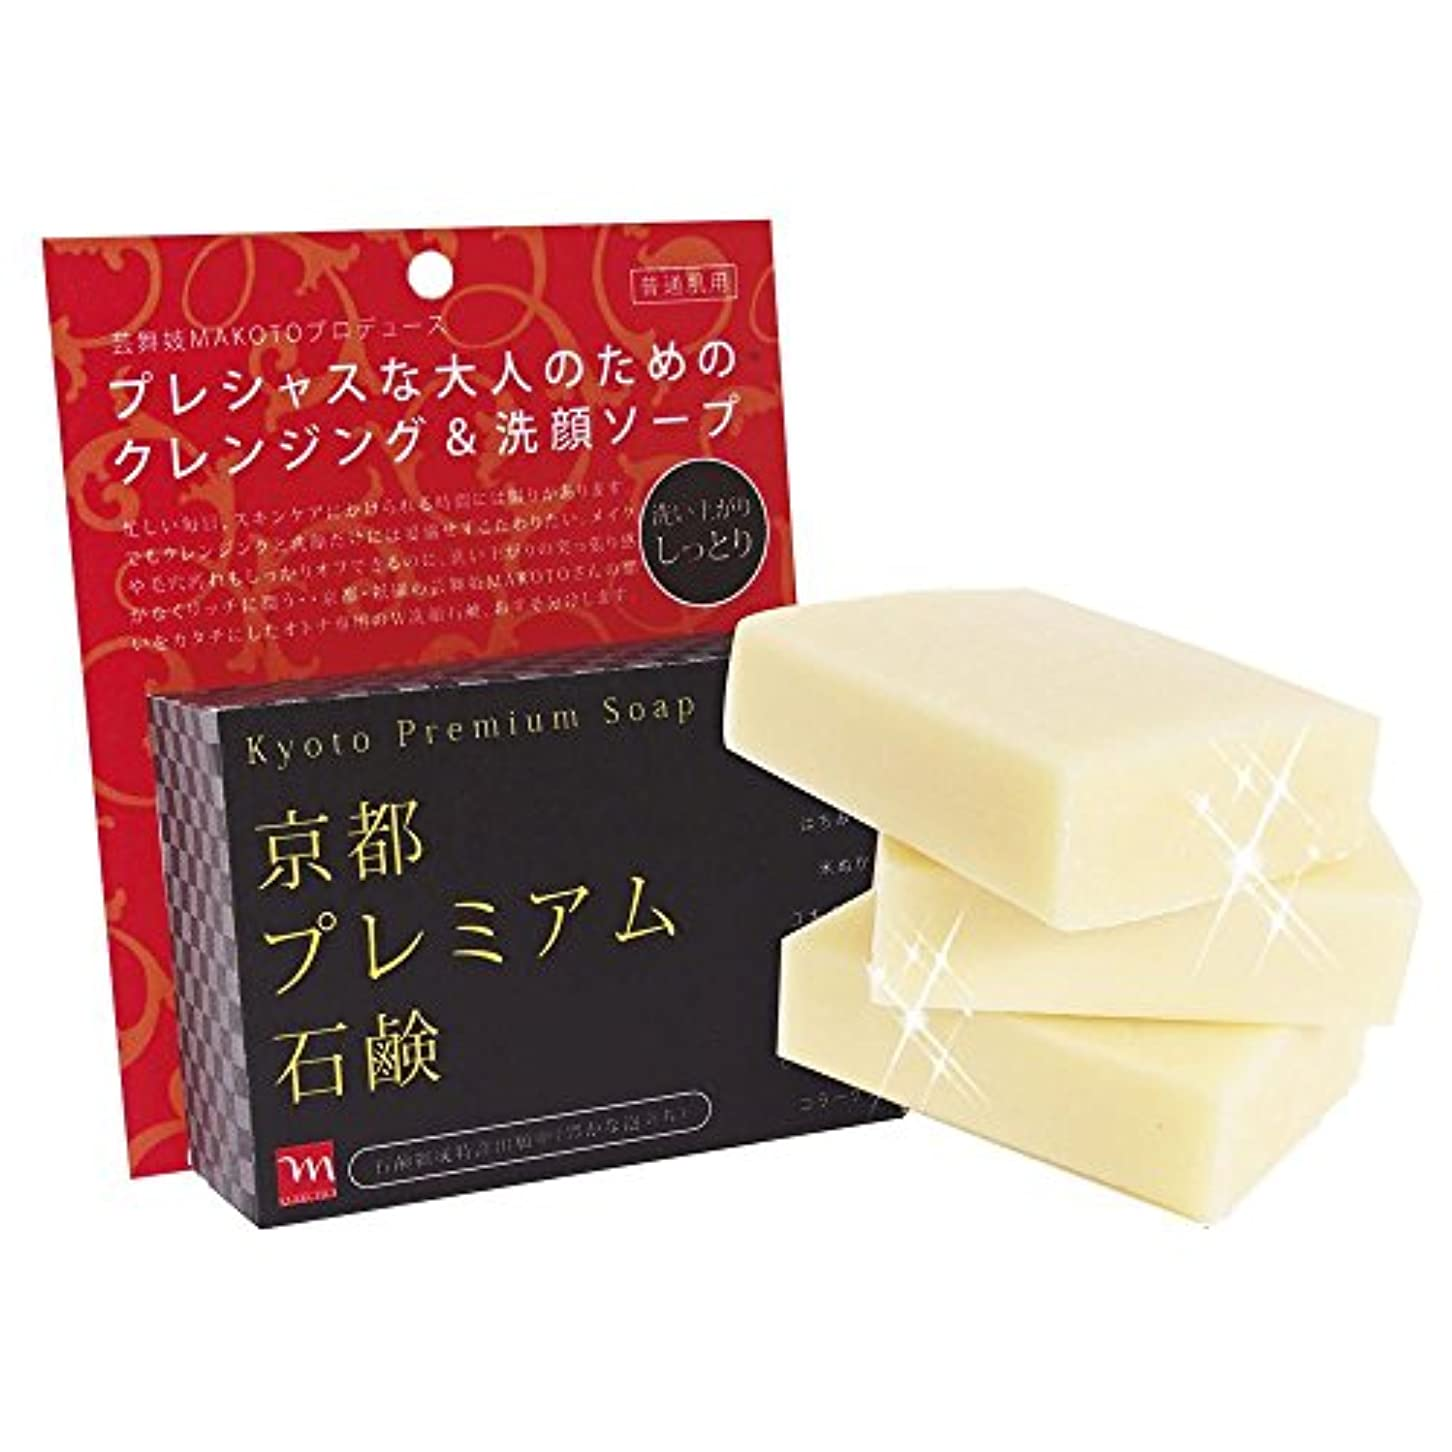 スツール繕うきゅうり京都プレミアム石鹸 120g【人気 おすすめ 】